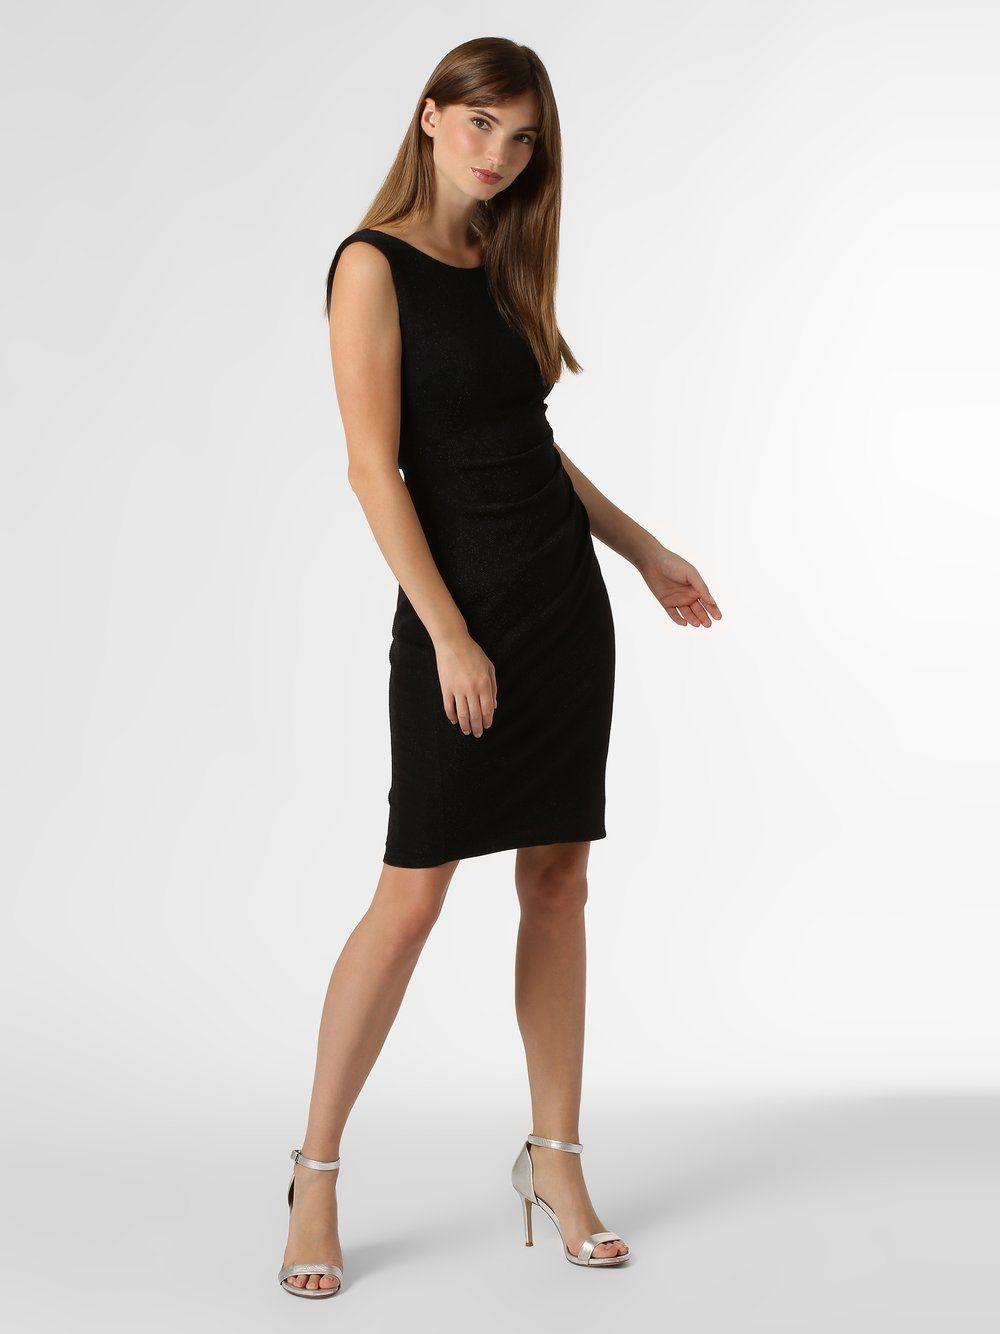 Ambiance Abendkleid schwarz  Abendkleid schwarz, Abendkleid und